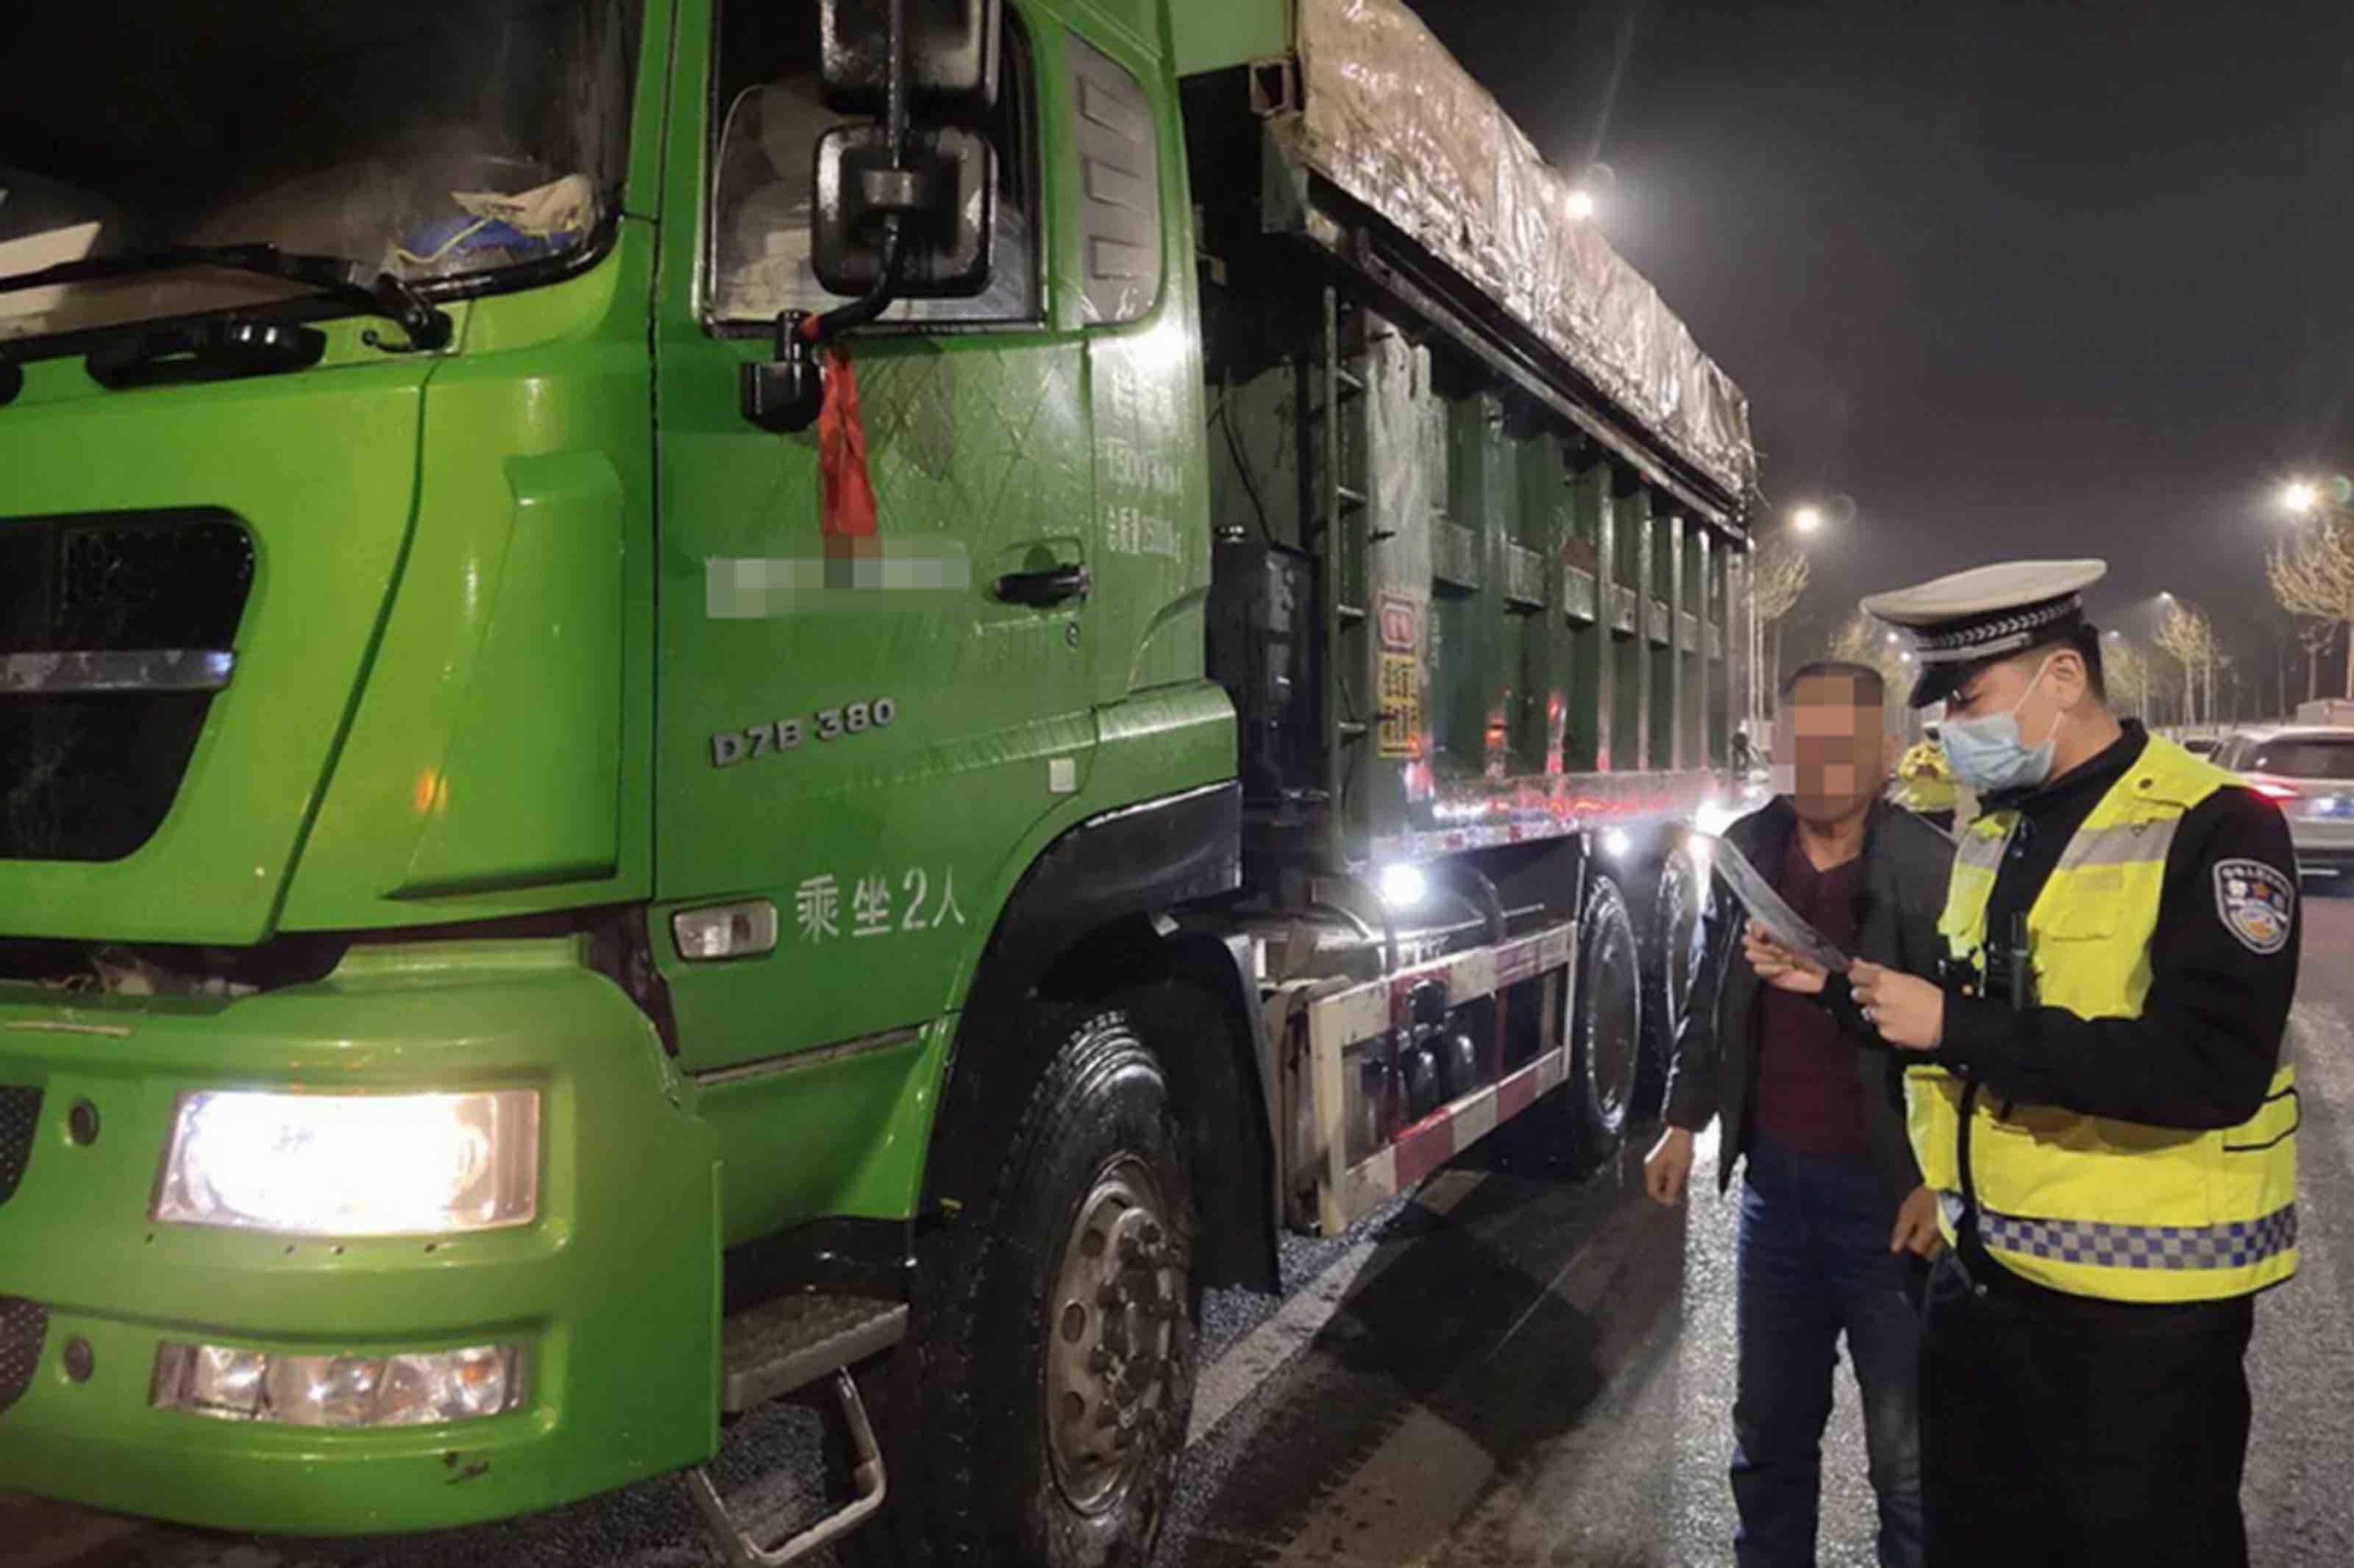 查扣超限超载货车113辆 淄博张店交警持续开展移动污染源整治工作